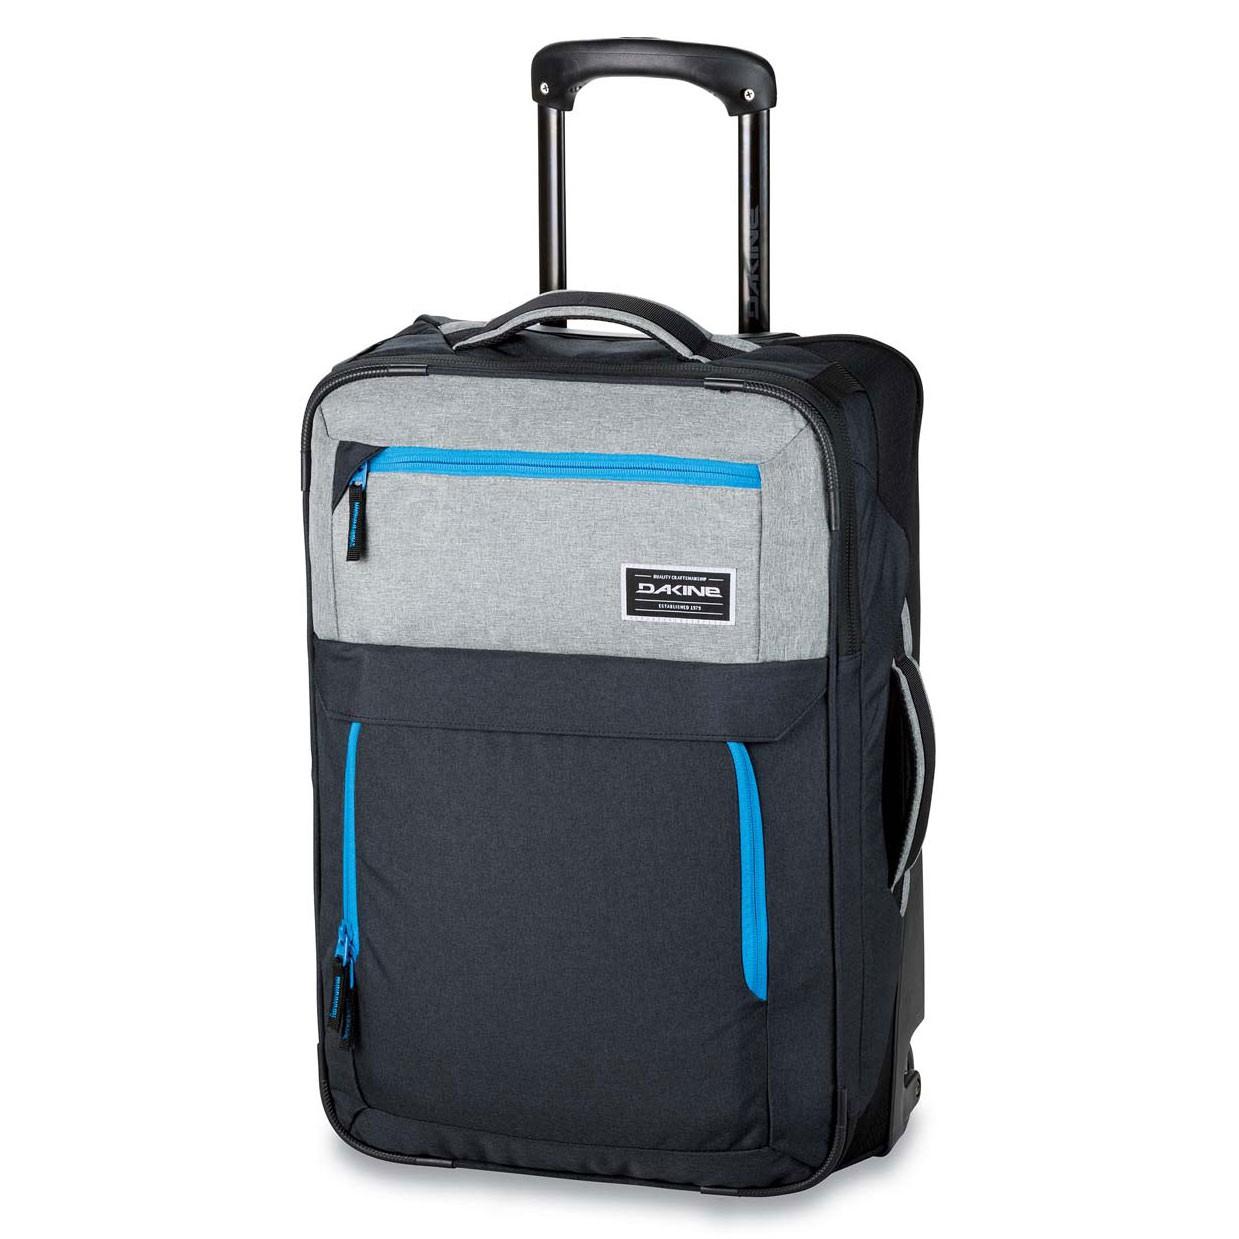 Cestovní taška Dakine Carry On Roller 40L tabor vel.40L 55×35×20 cm 17 + doručení do 24 hodin